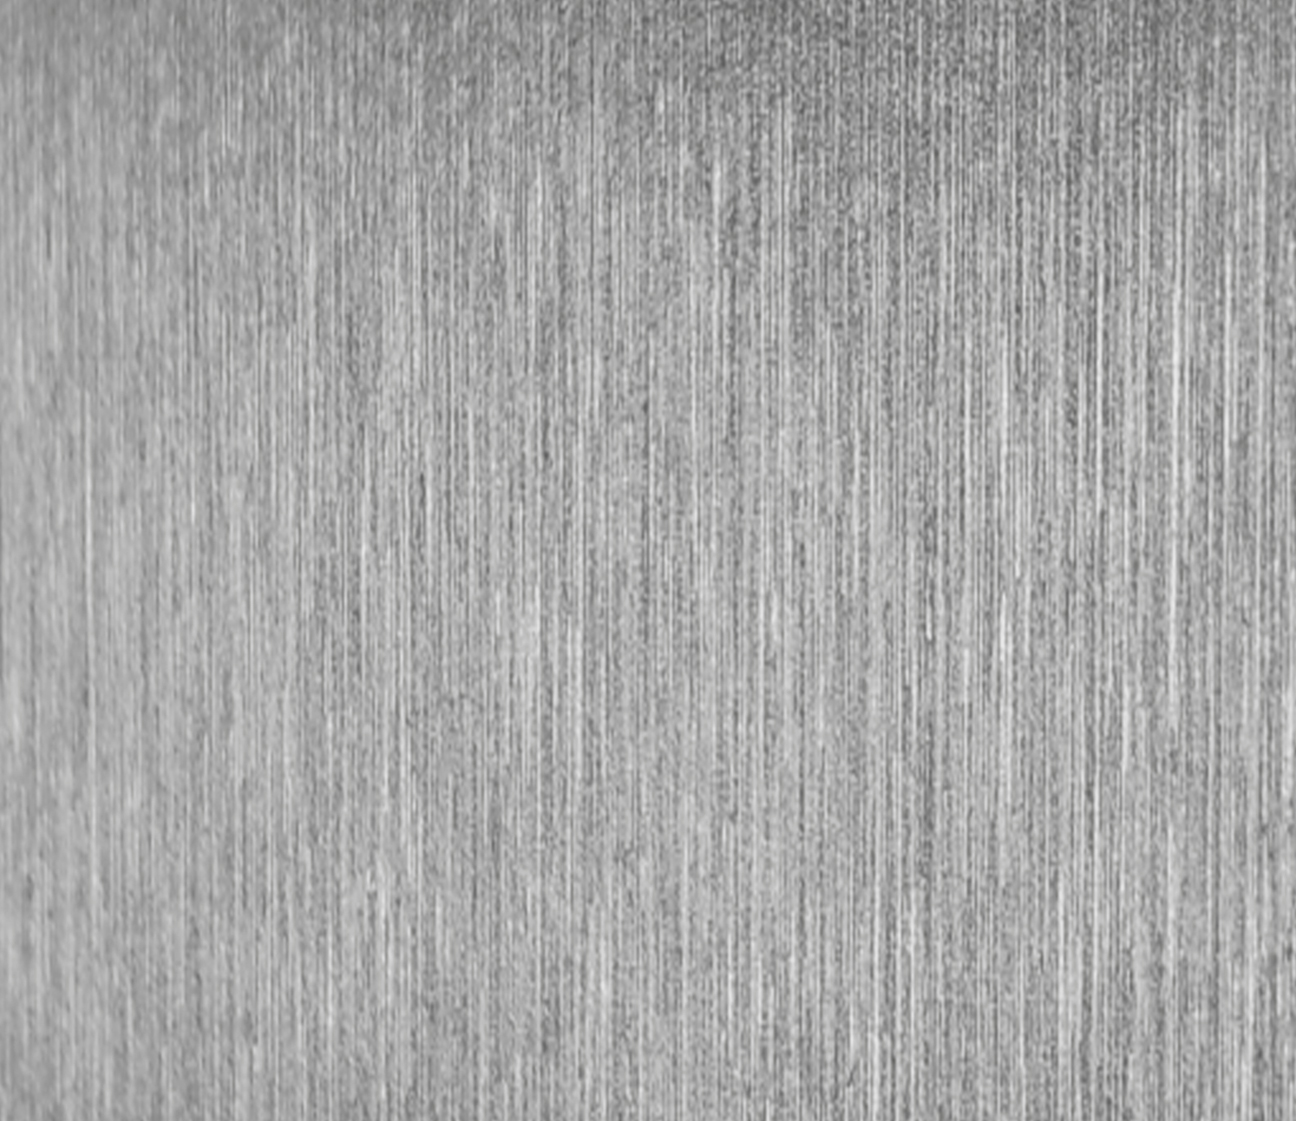 Alle 4 d aluminium geschliffen farben autofolien von hexis for Klebefolie billig